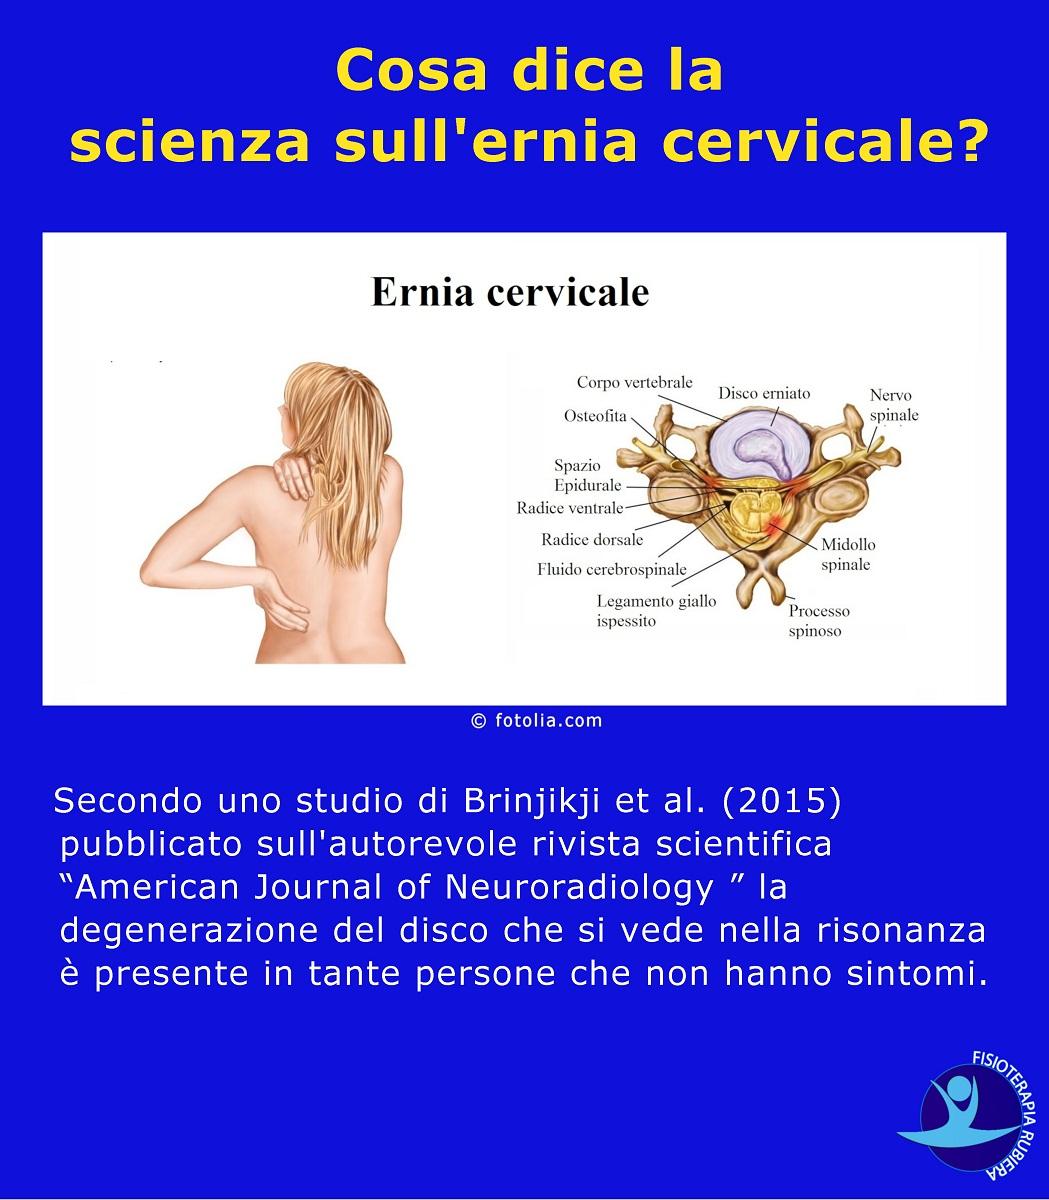 Cosa dice la scienza sull'ernia cervicale